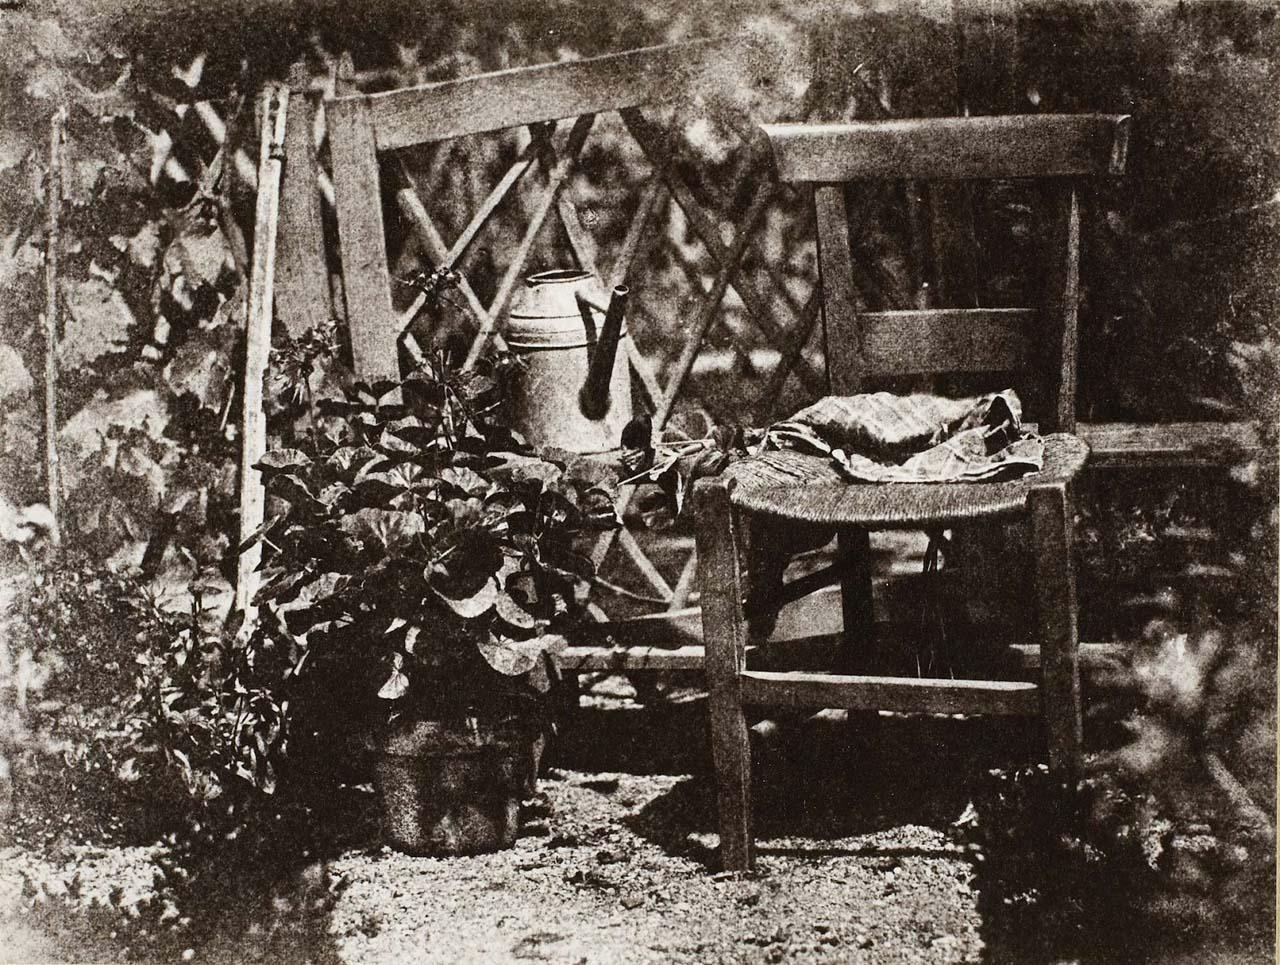 H. Bayard: Sedia in un giardino; 1842-1850